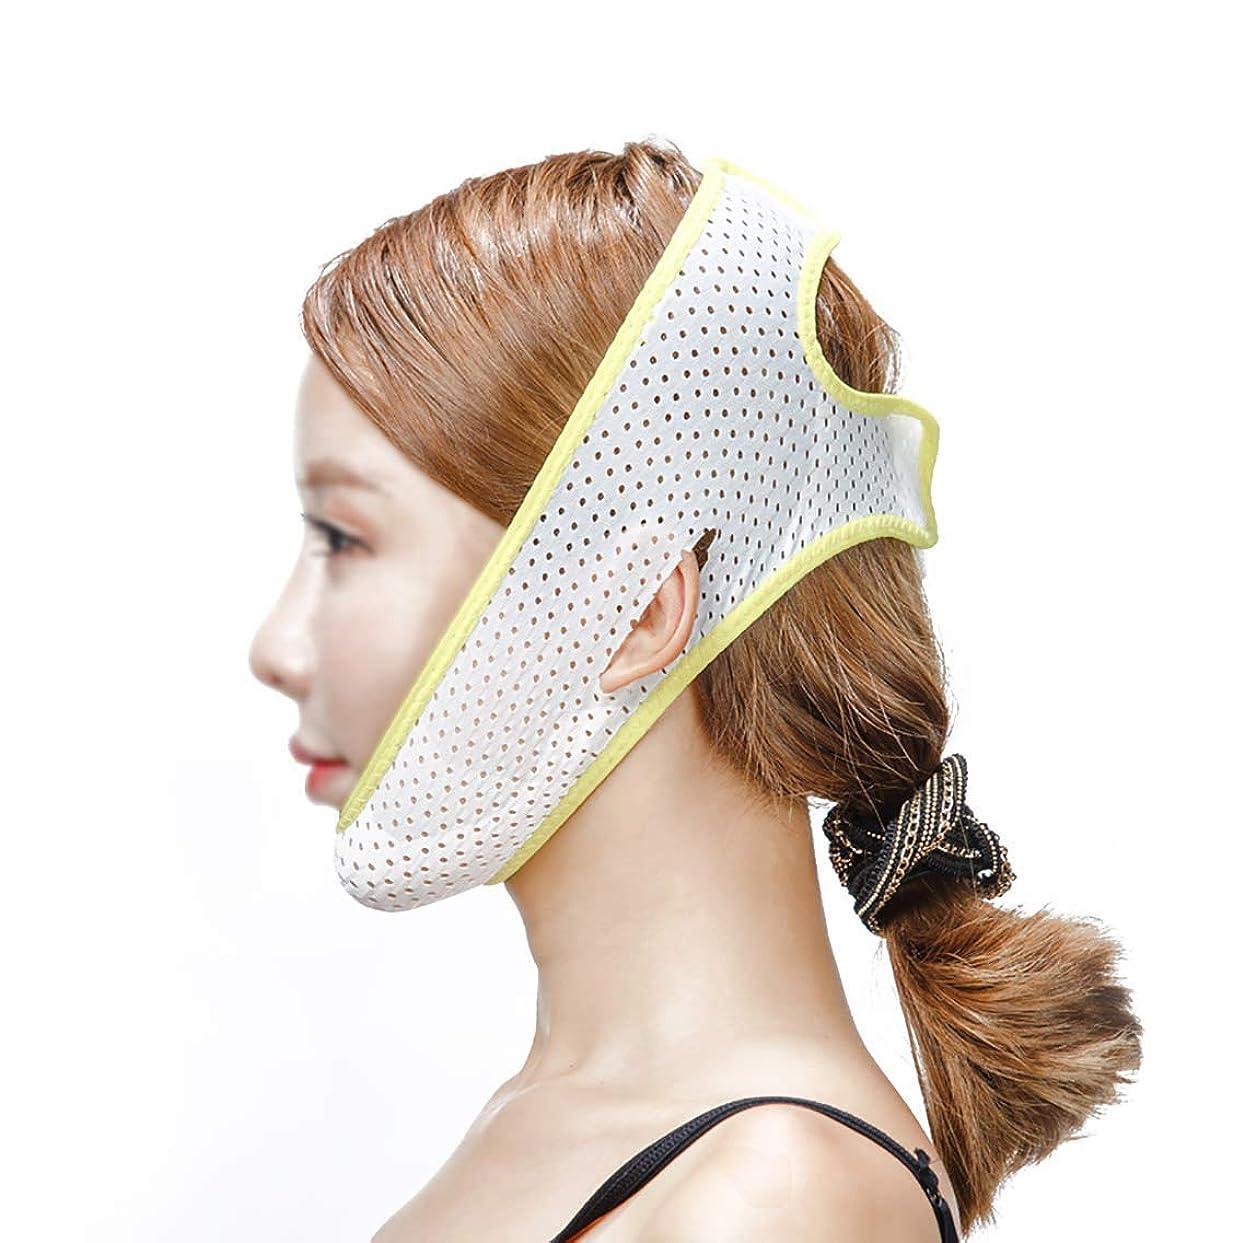 エンコミウムこれまで保持フェイスリフトマスク、あごストラップ回復包帯睡眠薄いフェイス包帯薄いフェイスマスクフェイスリフトアーチファクトフェイスリフトで小さいV顔を強化する美容マスク包帯(色:黄色と白)